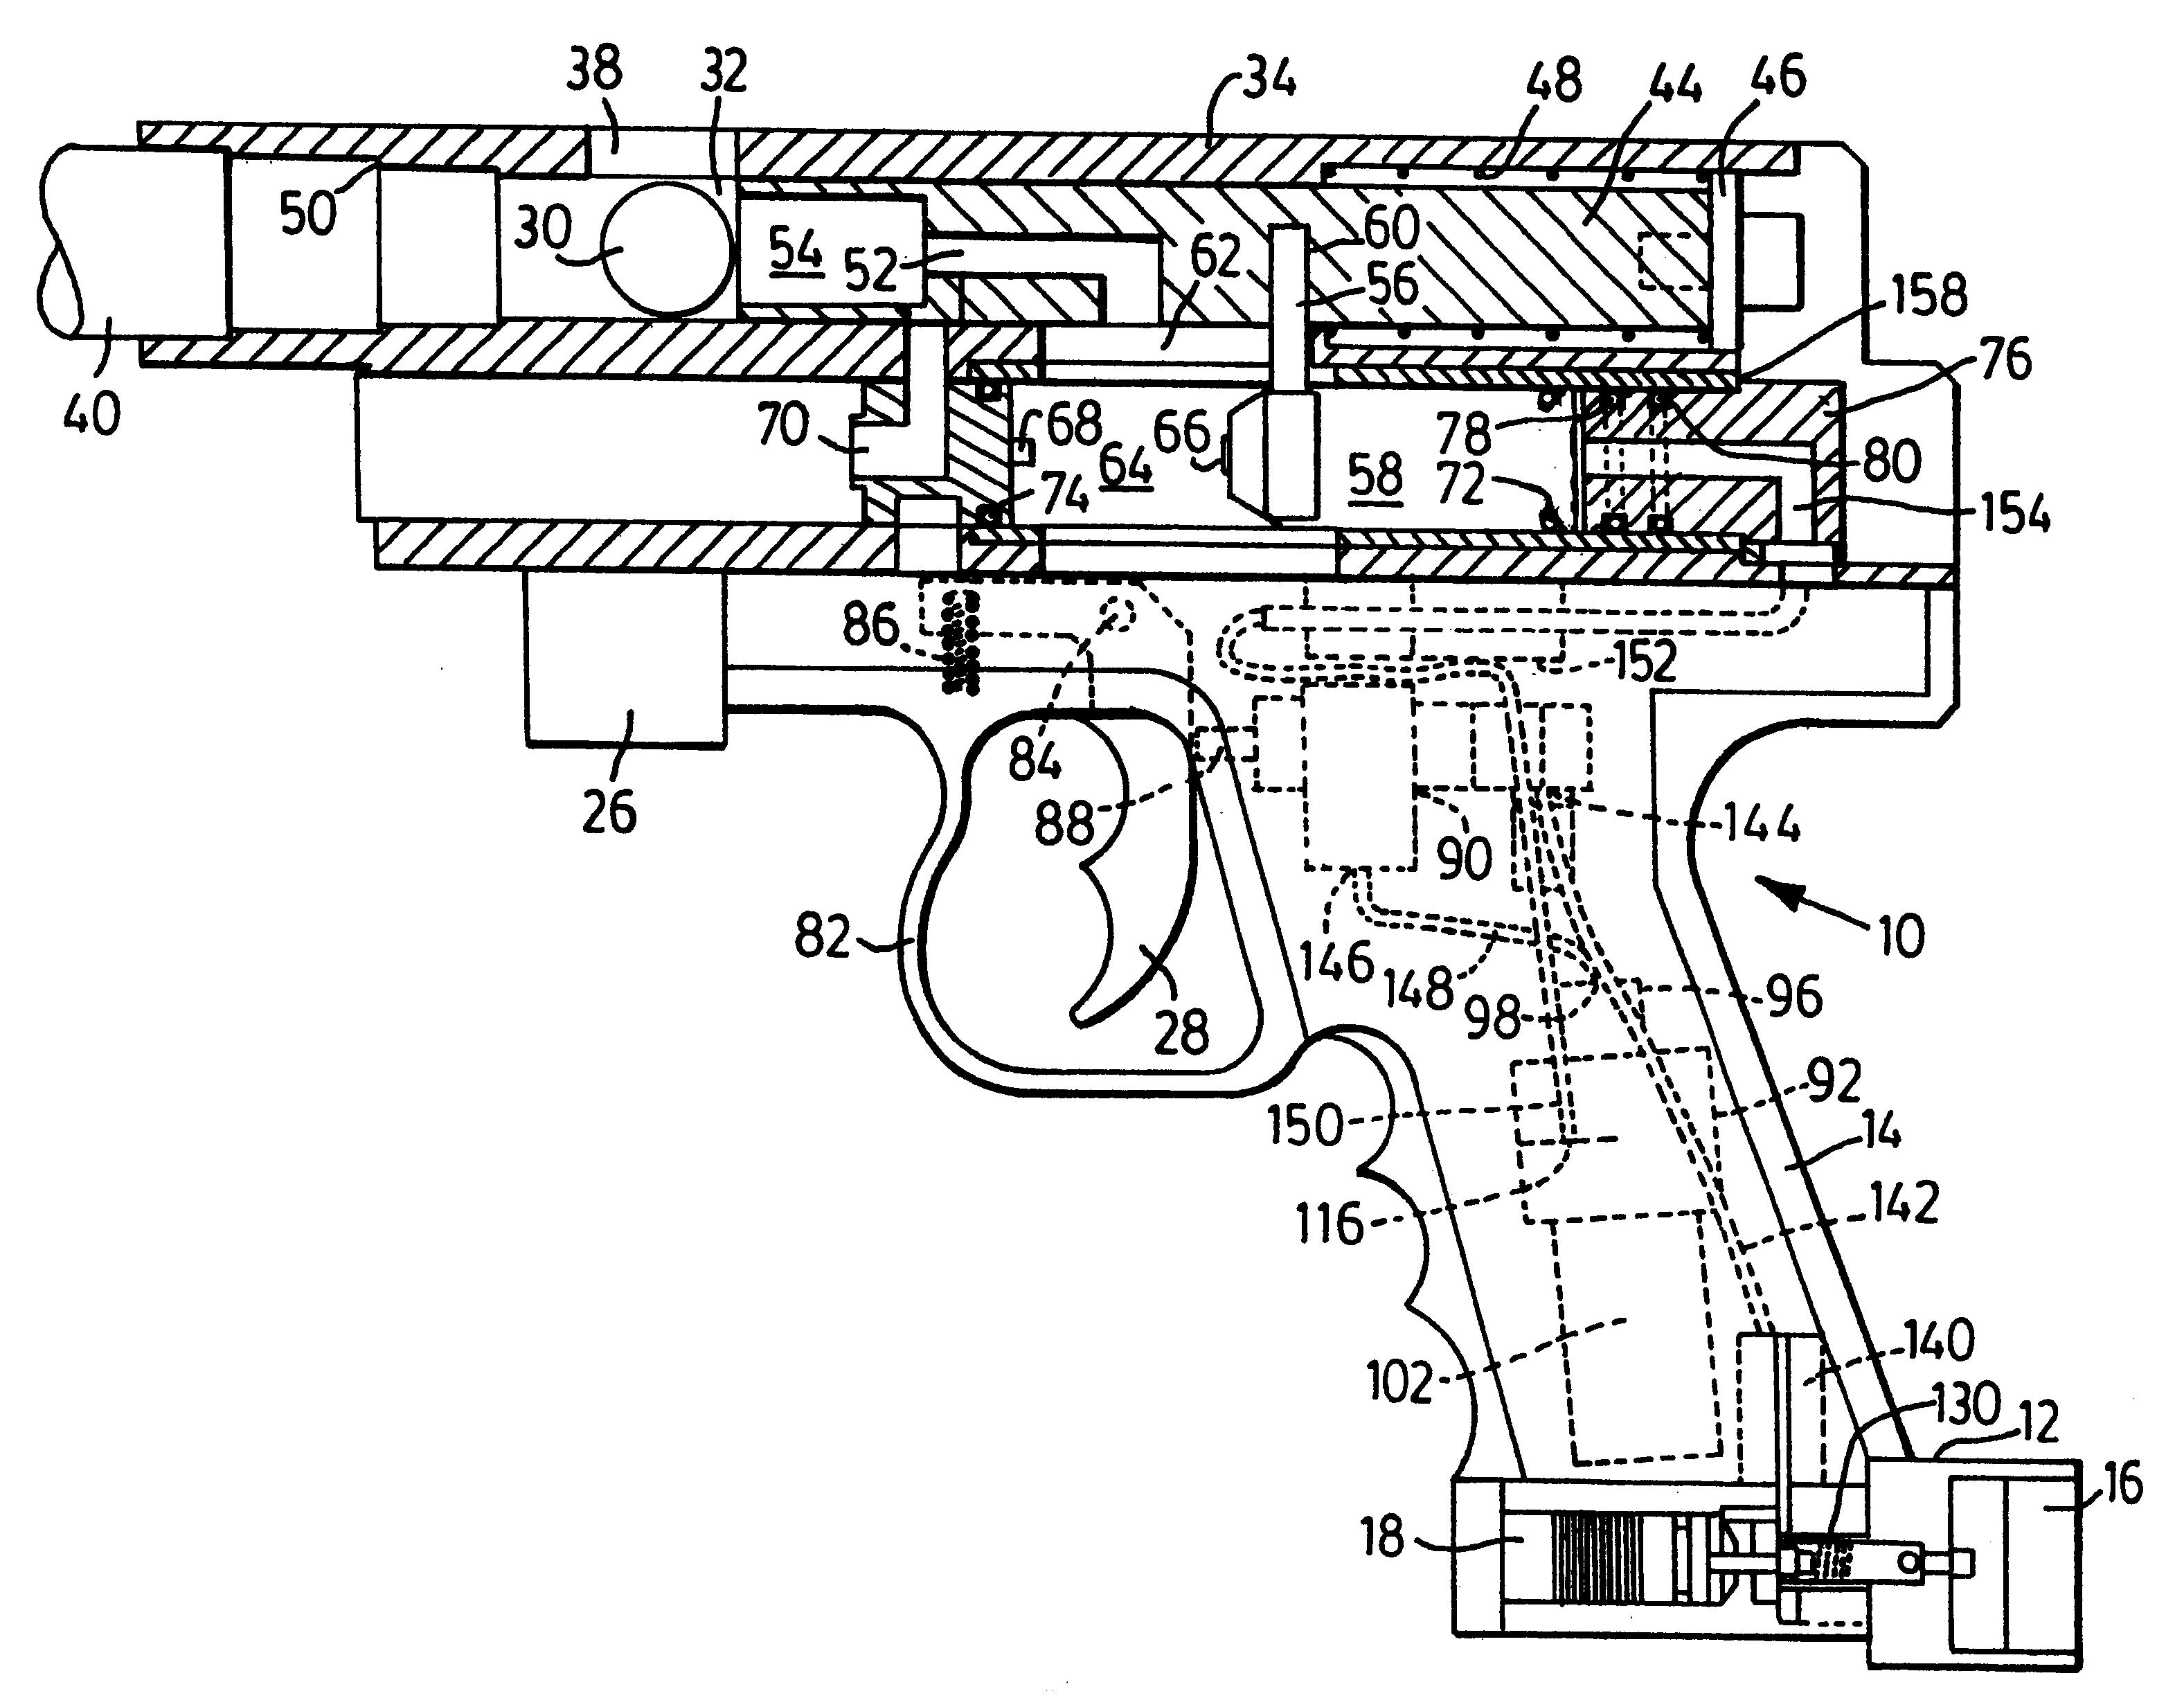 Firing Mechanisms For Guns : Patent us paintball gun with pulse valve firing